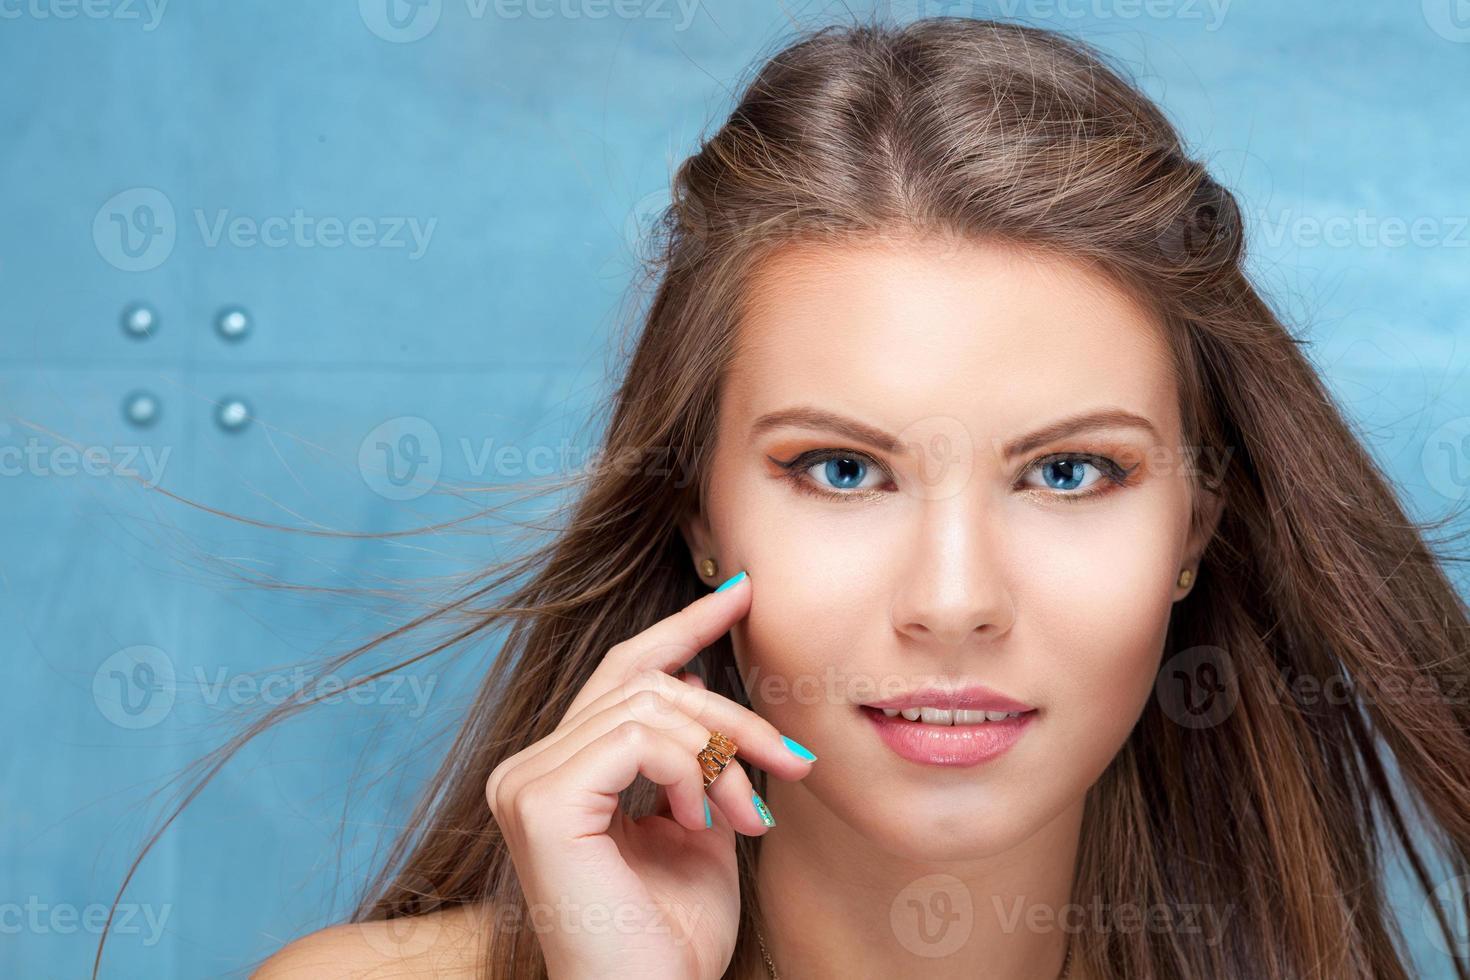 mode portret van mooie jonge vrouw met lang haar foto